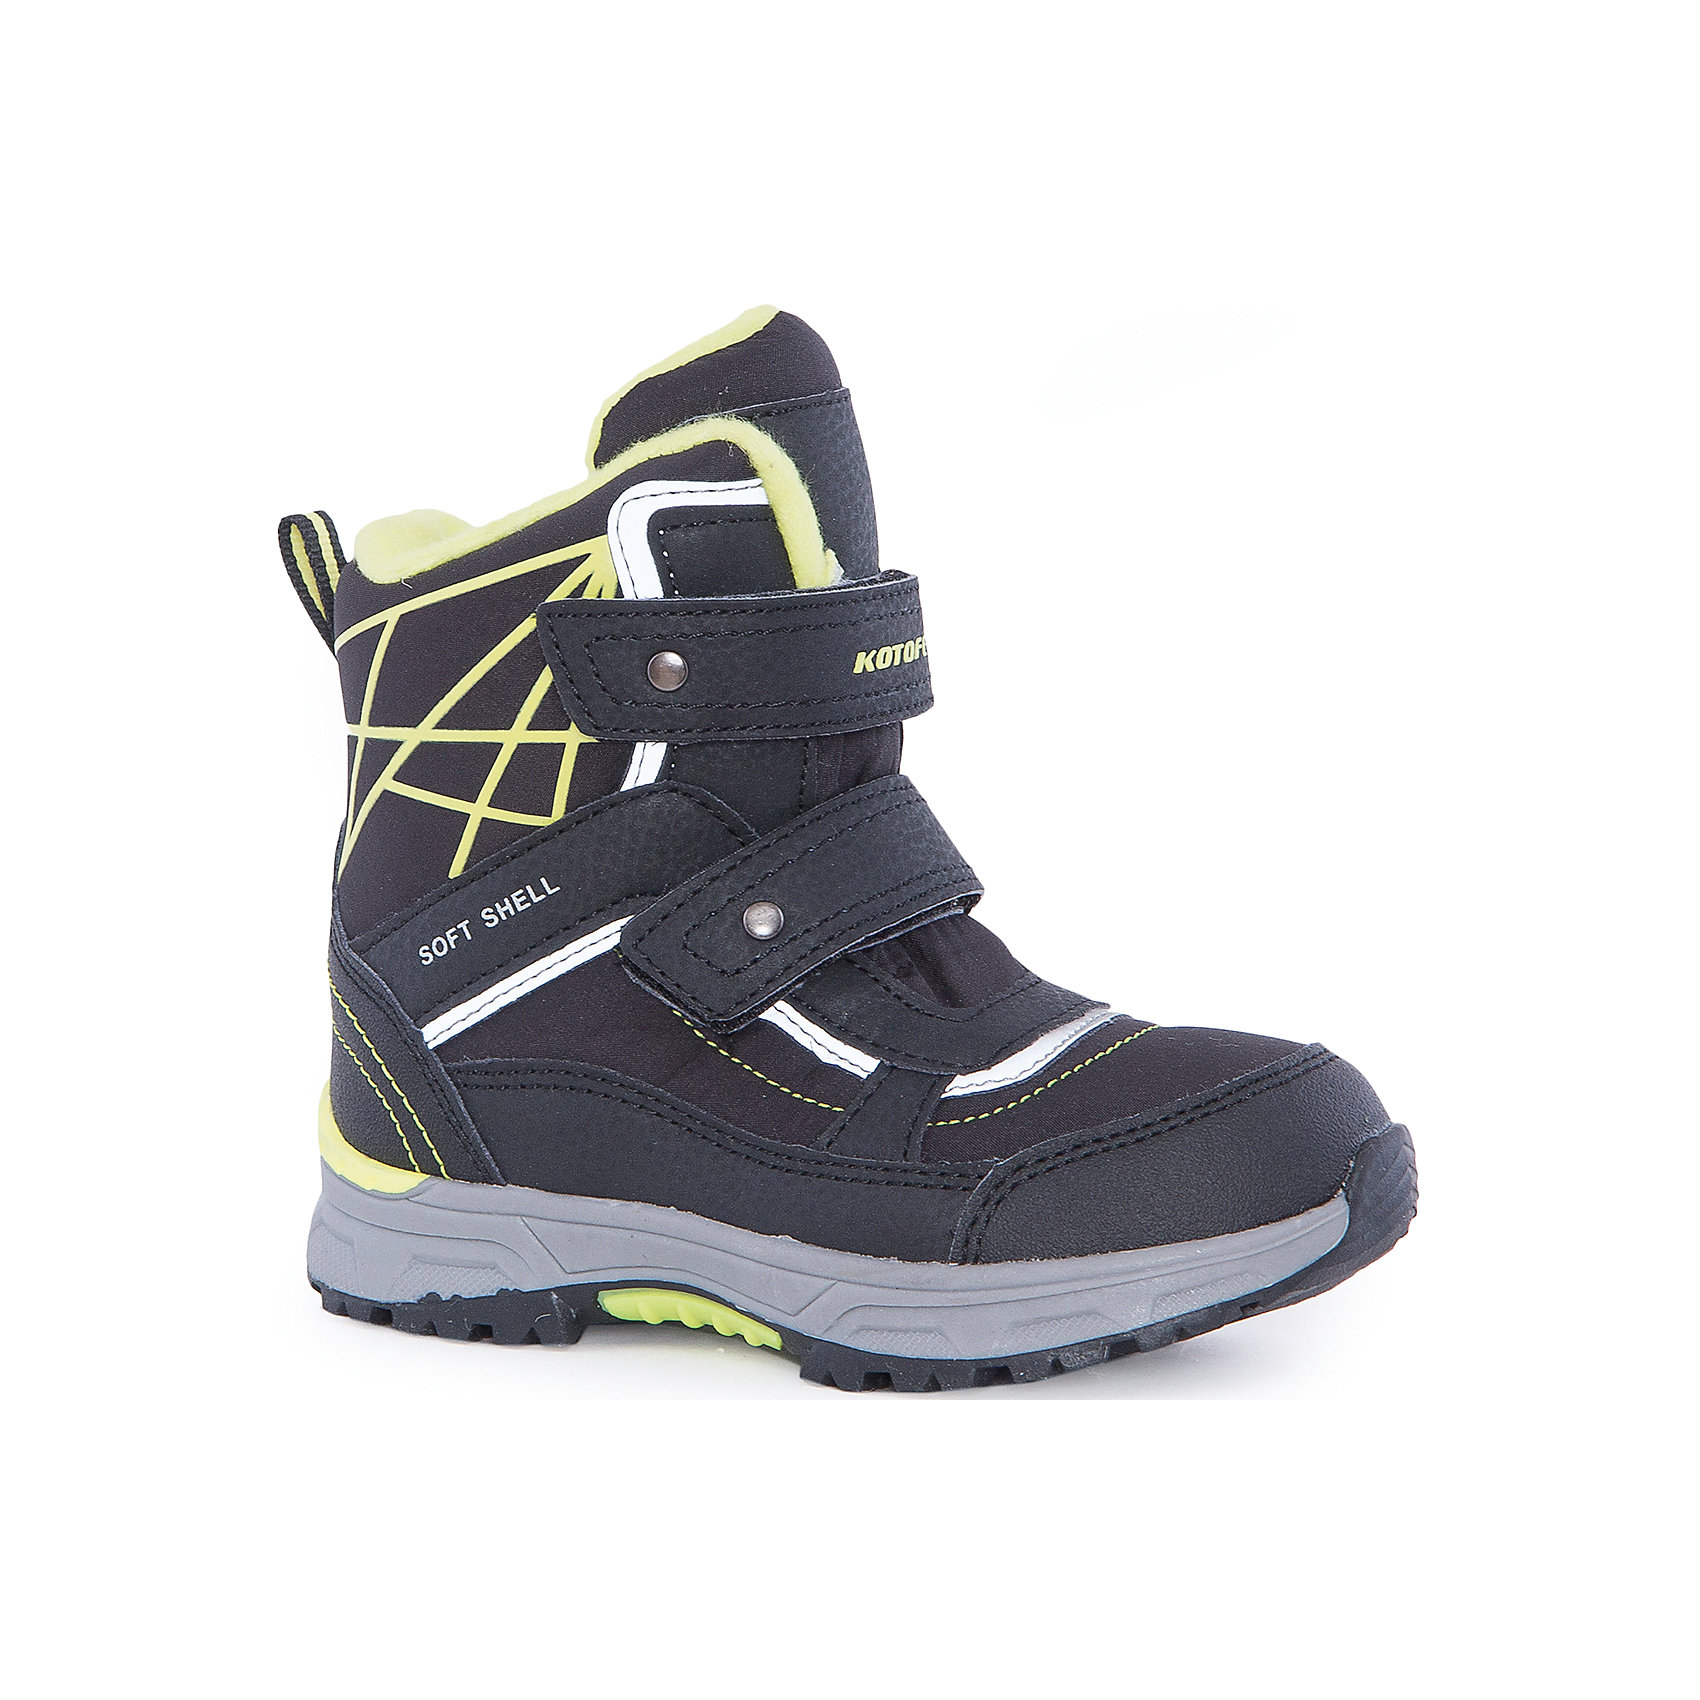 Ботинки  для мальчика КотофейБотинки<br>Ботинки  для мальчика Котофей.<br><br>Характеристики:<br><br>- Внешний материал: искусственная кожа, текстиль<br>- Внутренний материал: мех шерстяной<br>- Стелька: войлок<br>- Подошва: филон, ТЭП<br>- Тип застежки: липучки<br>- Вид крепления обуви: клеевой<br>- Цвет: черный, желтый<br>- Сезон: зима<br>- Температурный режим: от +5 до -15 градусов<br>- Пол: для мальчиков<br><br>Ботинки торговой марки Котофей понравится абсолютно всем мальчикам! Они особенно хороши для активных прогулок. Верх выполнен из влагоотталкивающего текстиля и кожи. Подкладка - из натуральной шерсти, имеется дополнительная стелька из войлока, поэтому ножке в такой обуви тепло и уютно. Между материалами верха и подклада вшит специальный мембранный материал, отталкивающий влагу, но позволяющий ногам дышать. Мыс защищен. Гибкая, широкая, клеевая подошва с рельефным протектором обеспечит превосходное сцепление с поверхностью. Снижение ударной нагрузки и повышенную устойчивость обеспечивает в подошве слой из материала филон, который часто используется в спортивной обуви. Вторая часть подошвы из термоэластопласта (ТЭП) – пластичного материала, отлично амортизирующего при шаге, не теряющего своих свойств при понижении температур, предотвращающего скольжение. Два ремня с липучкой позволяют не только быстро обувать и снимать ботинки, но и обеспечивают плотное прилегание обуви к стопе. Детская обувь «Котофей» качественна, красива, добротна, комфортна и долговечна. Она производится на Егорьевской обувной фабрике. Жесткий контроль производства и постоянное совершенствование технологий при многолетнем опыте позволяют считать компанию одним из лидеров среди отечественных производителей детской обуви.<br><br>Ботинки  для мальчика Котофей можно купить в нашем интернет-магазине.<br><br>Ширина мм: 262<br>Глубина мм: 176<br>Высота мм: 97<br>Вес г: 427<br>Цвет: разноцветный<br>Возраст от месяцев: 72<br>Возраст до месяцев: 84<br>Пол: Мужской<br>Возраст: Детский<br>Размер: 30,